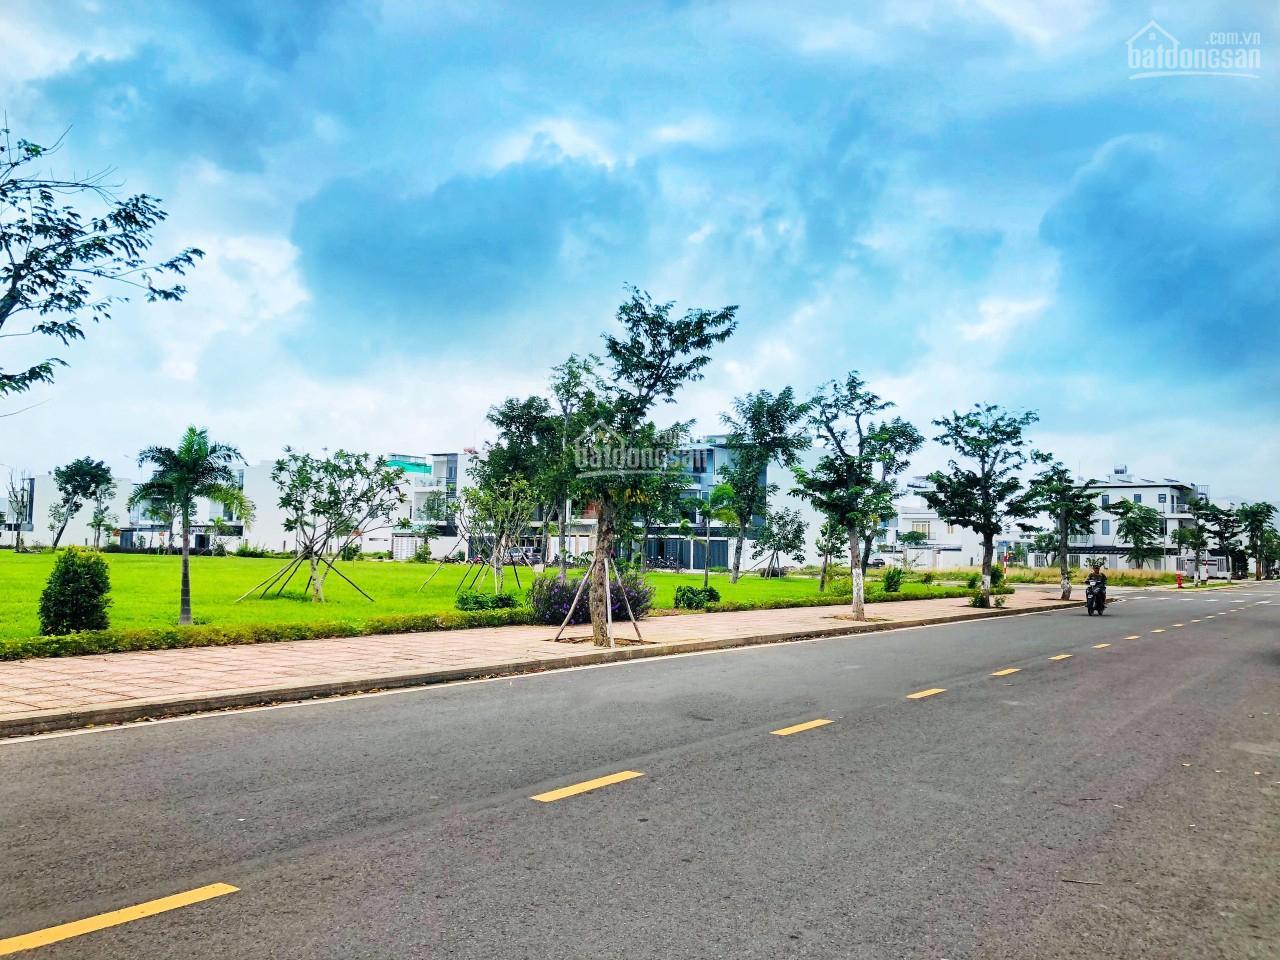 Bán đất khu đô thị Mỹ Gia Nha Trang gần bệnh viện